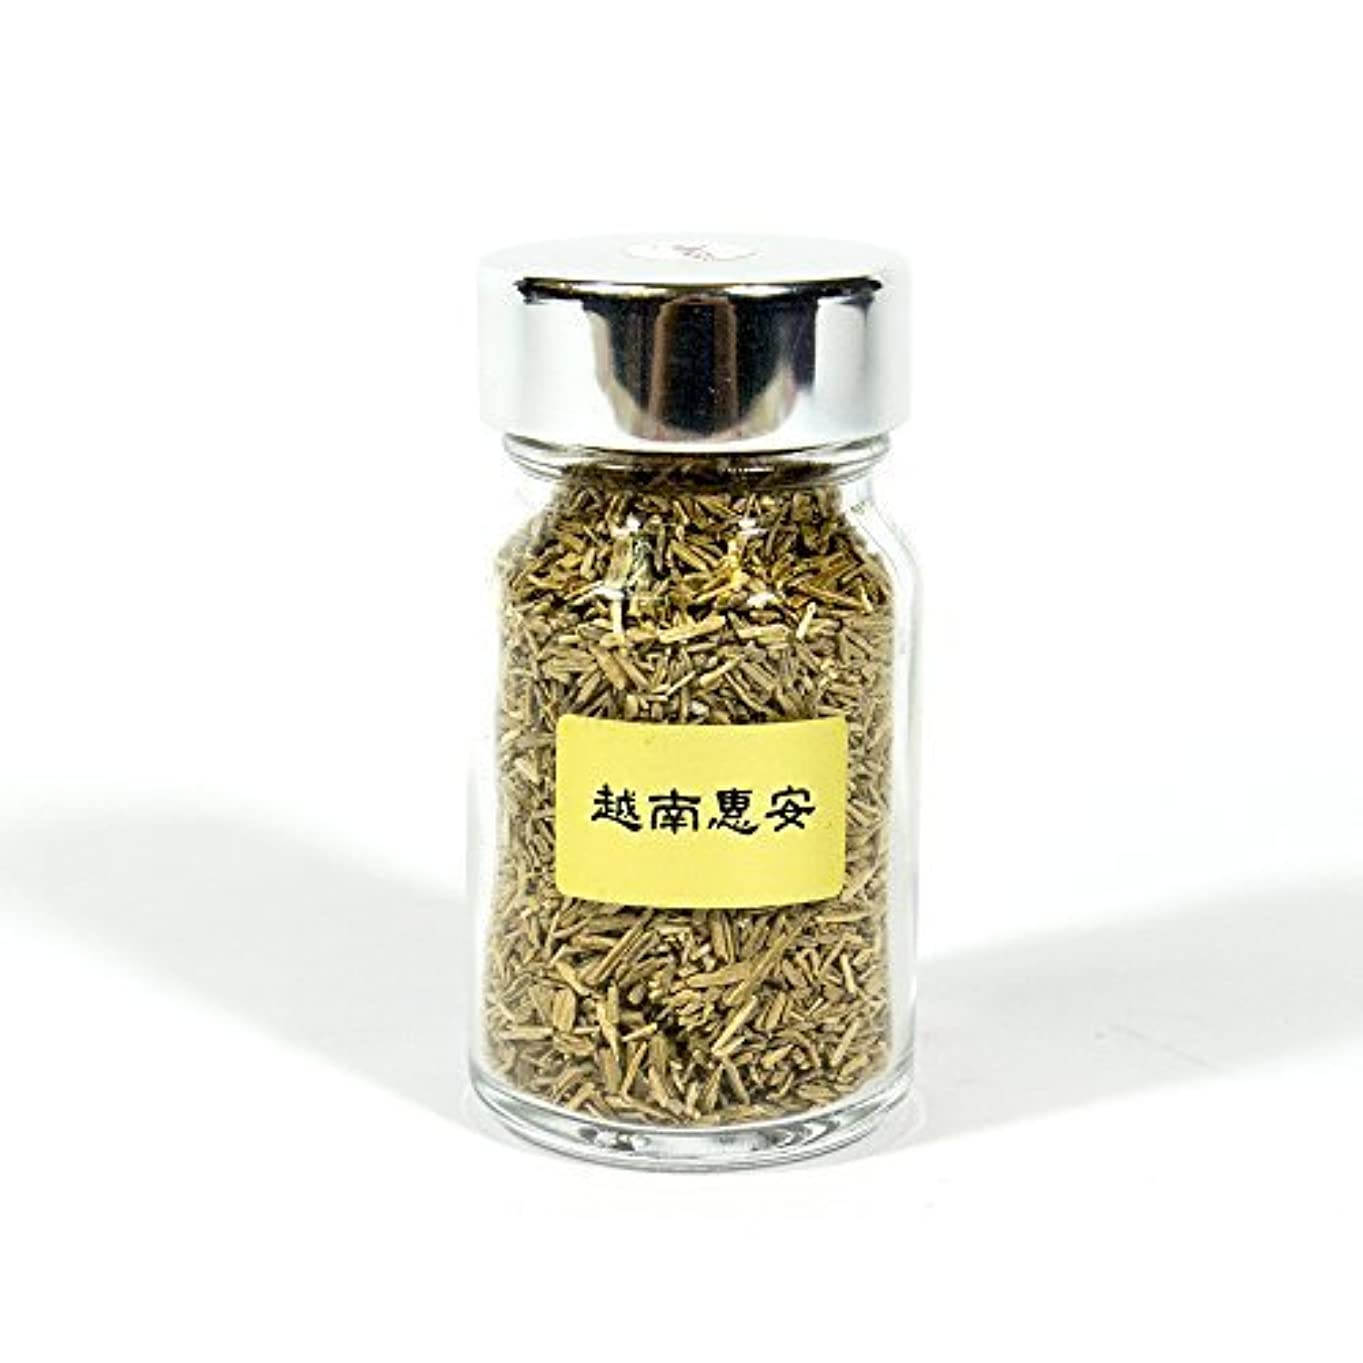 ステーキ化石運命的なAgarwood Aloeswood Oud Chip Scrap Vietnam Hoi-An 10g Cultivated Suitable for Electric Burner by IncenseHouse -...